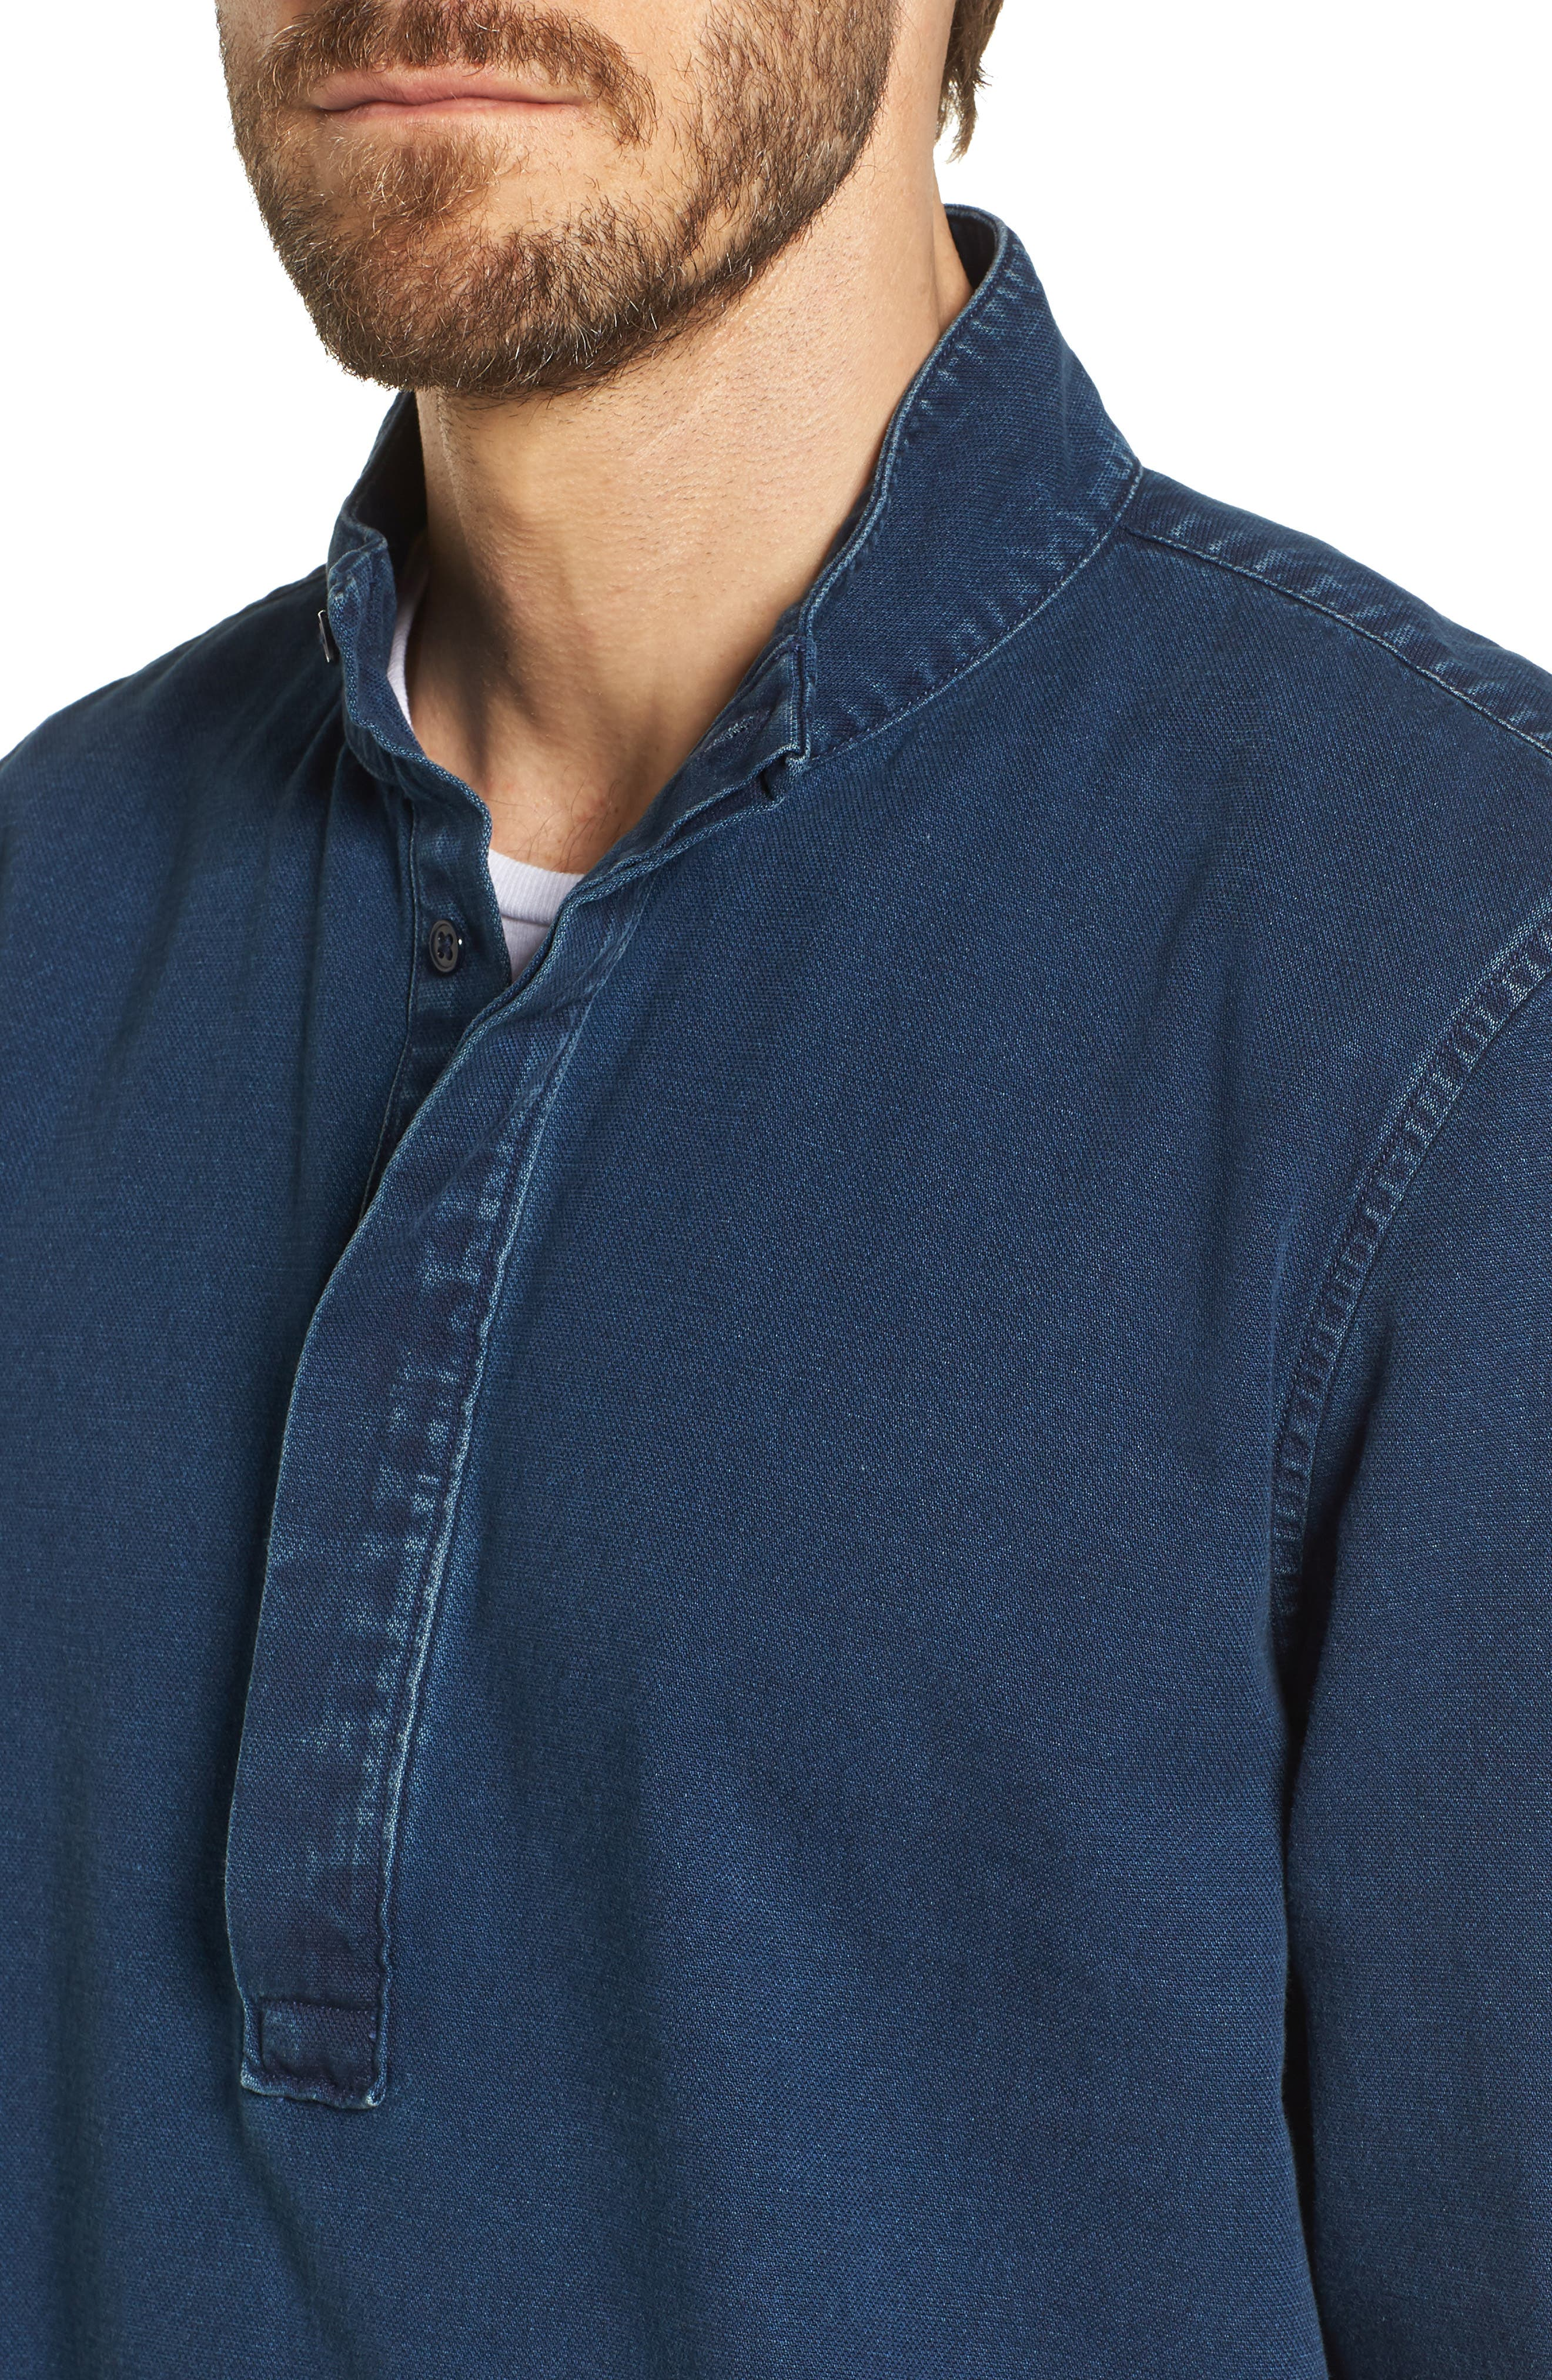 Band Collar Piqué Shirt,                             Alternate thumbnail 2, color,                             Indigo